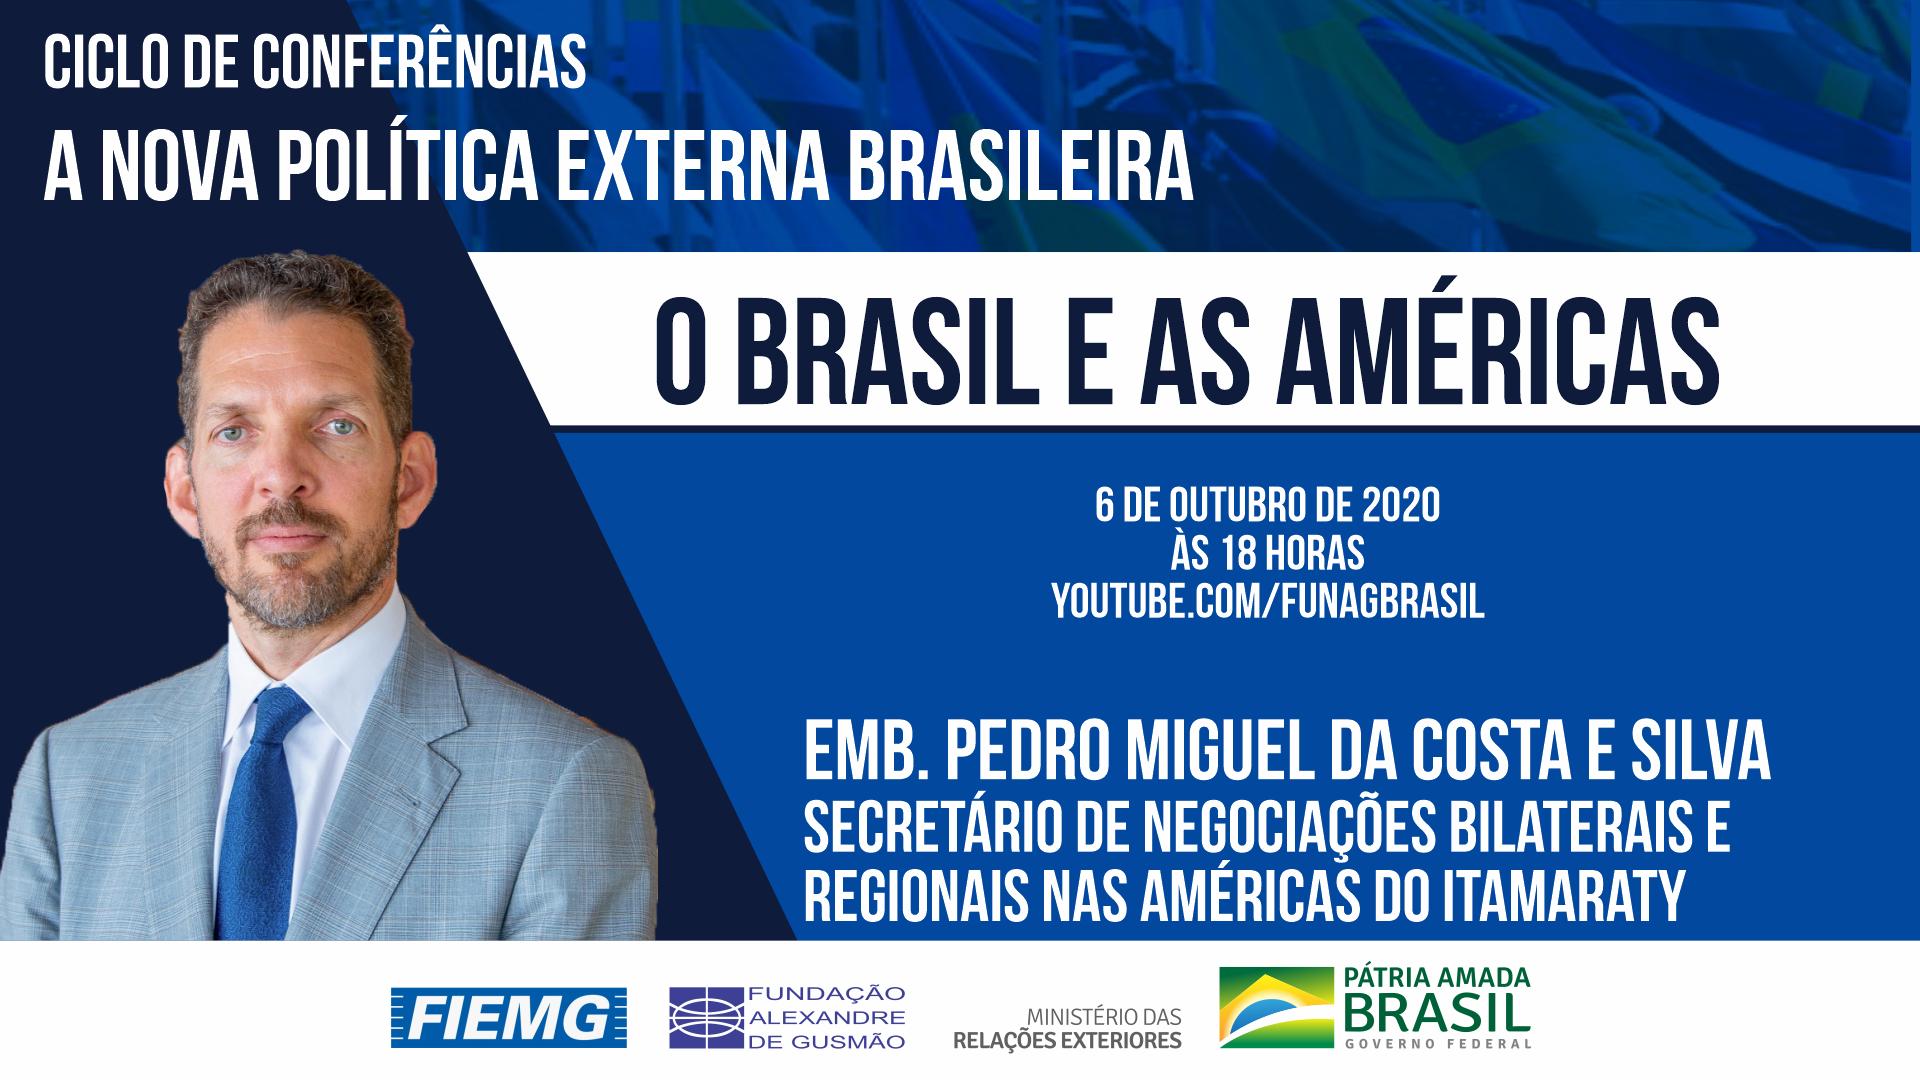 Assista aos vídeos da conferência do secretário de Negociações Bilaterais e Regionais nas Américas do Itamaraty, embaixador Pedro Miguel da Costa e Silva